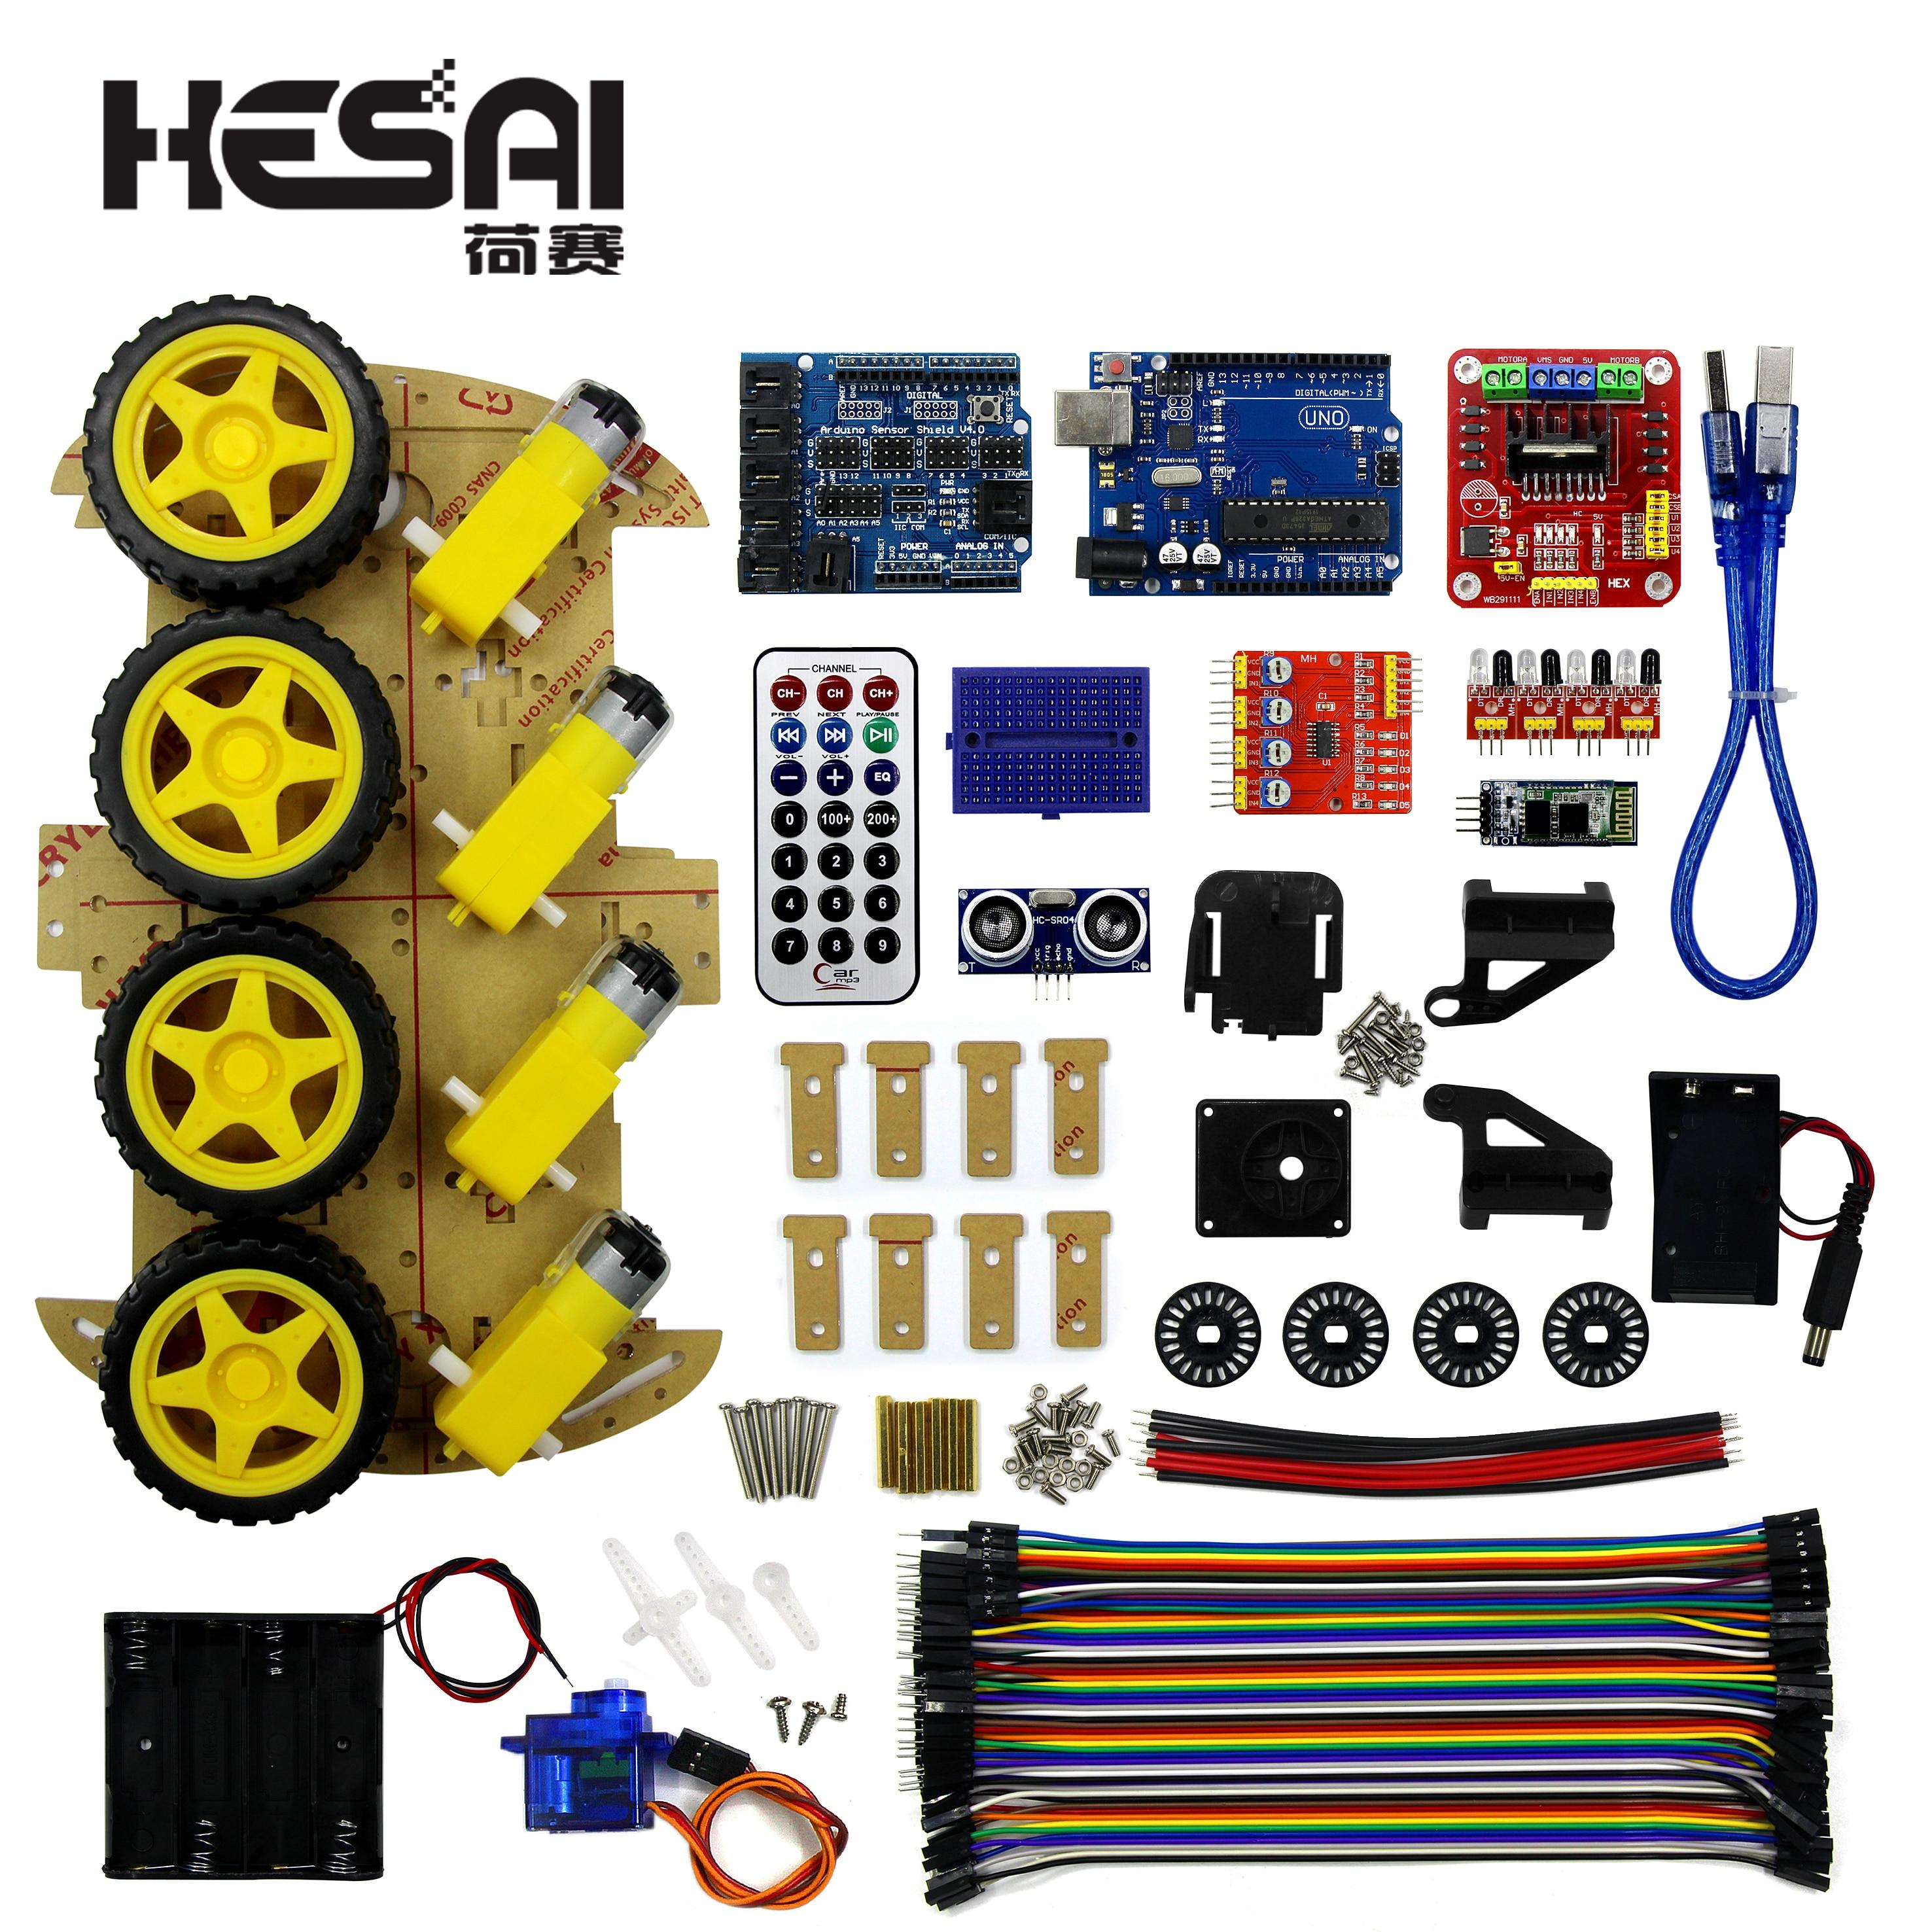 Multifonction Bluetooth contrôlé Robot voiture intelligente Kits tonnes de Codes gratuits publiés 4WD UNO R3 Kit de démarrage pour arduino Kit de bricolage